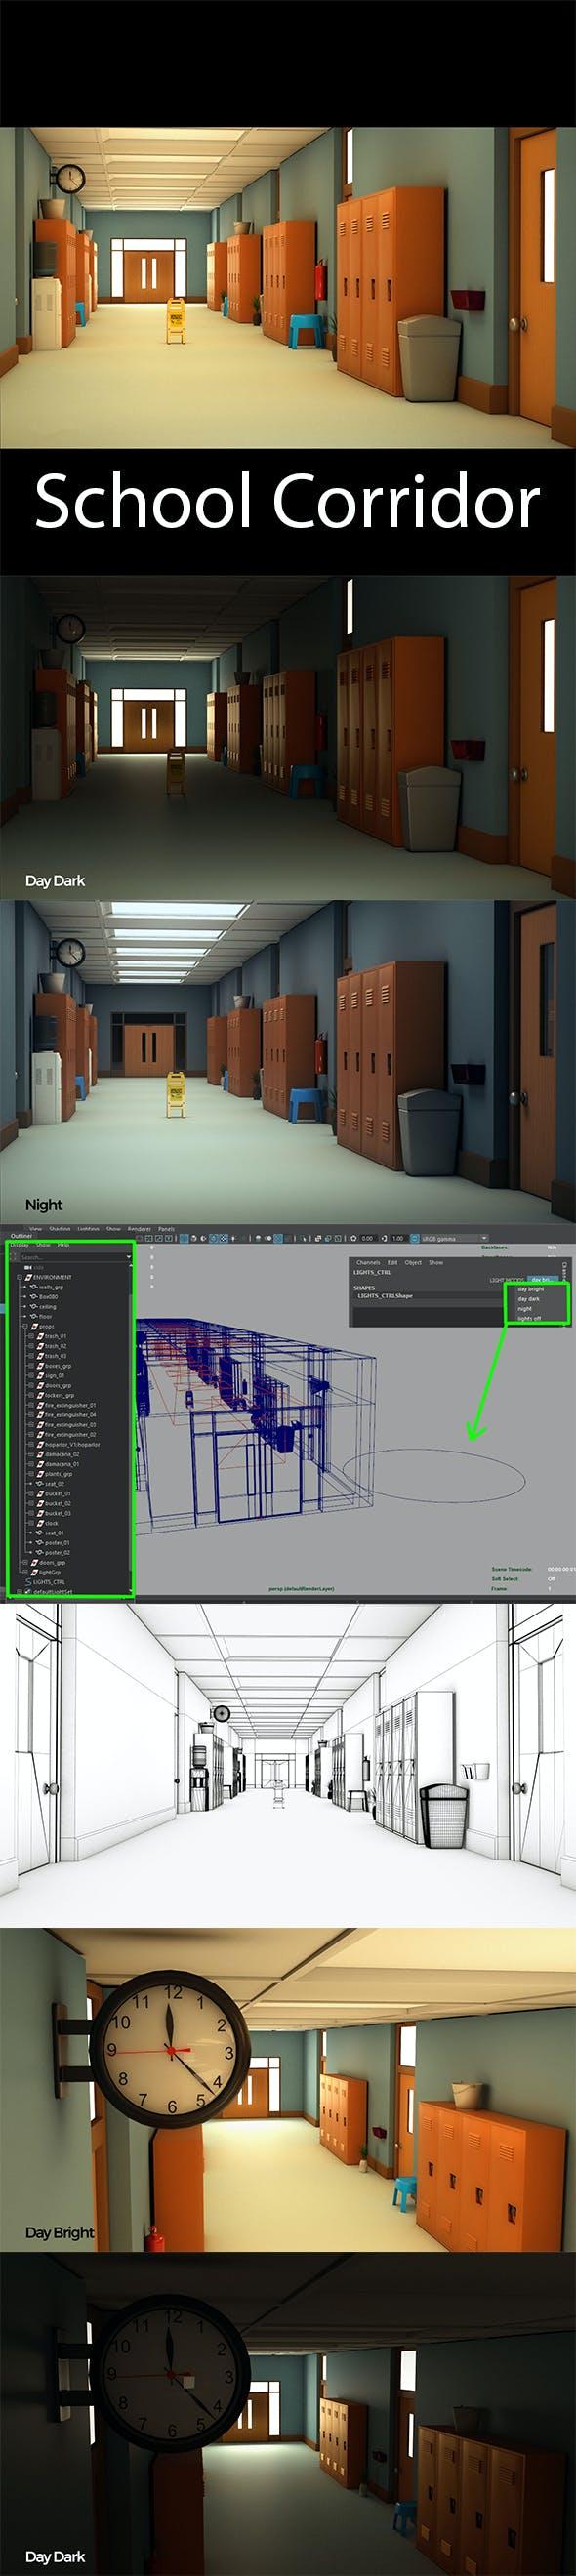 School Corridor - 3DOcean Item for Sale